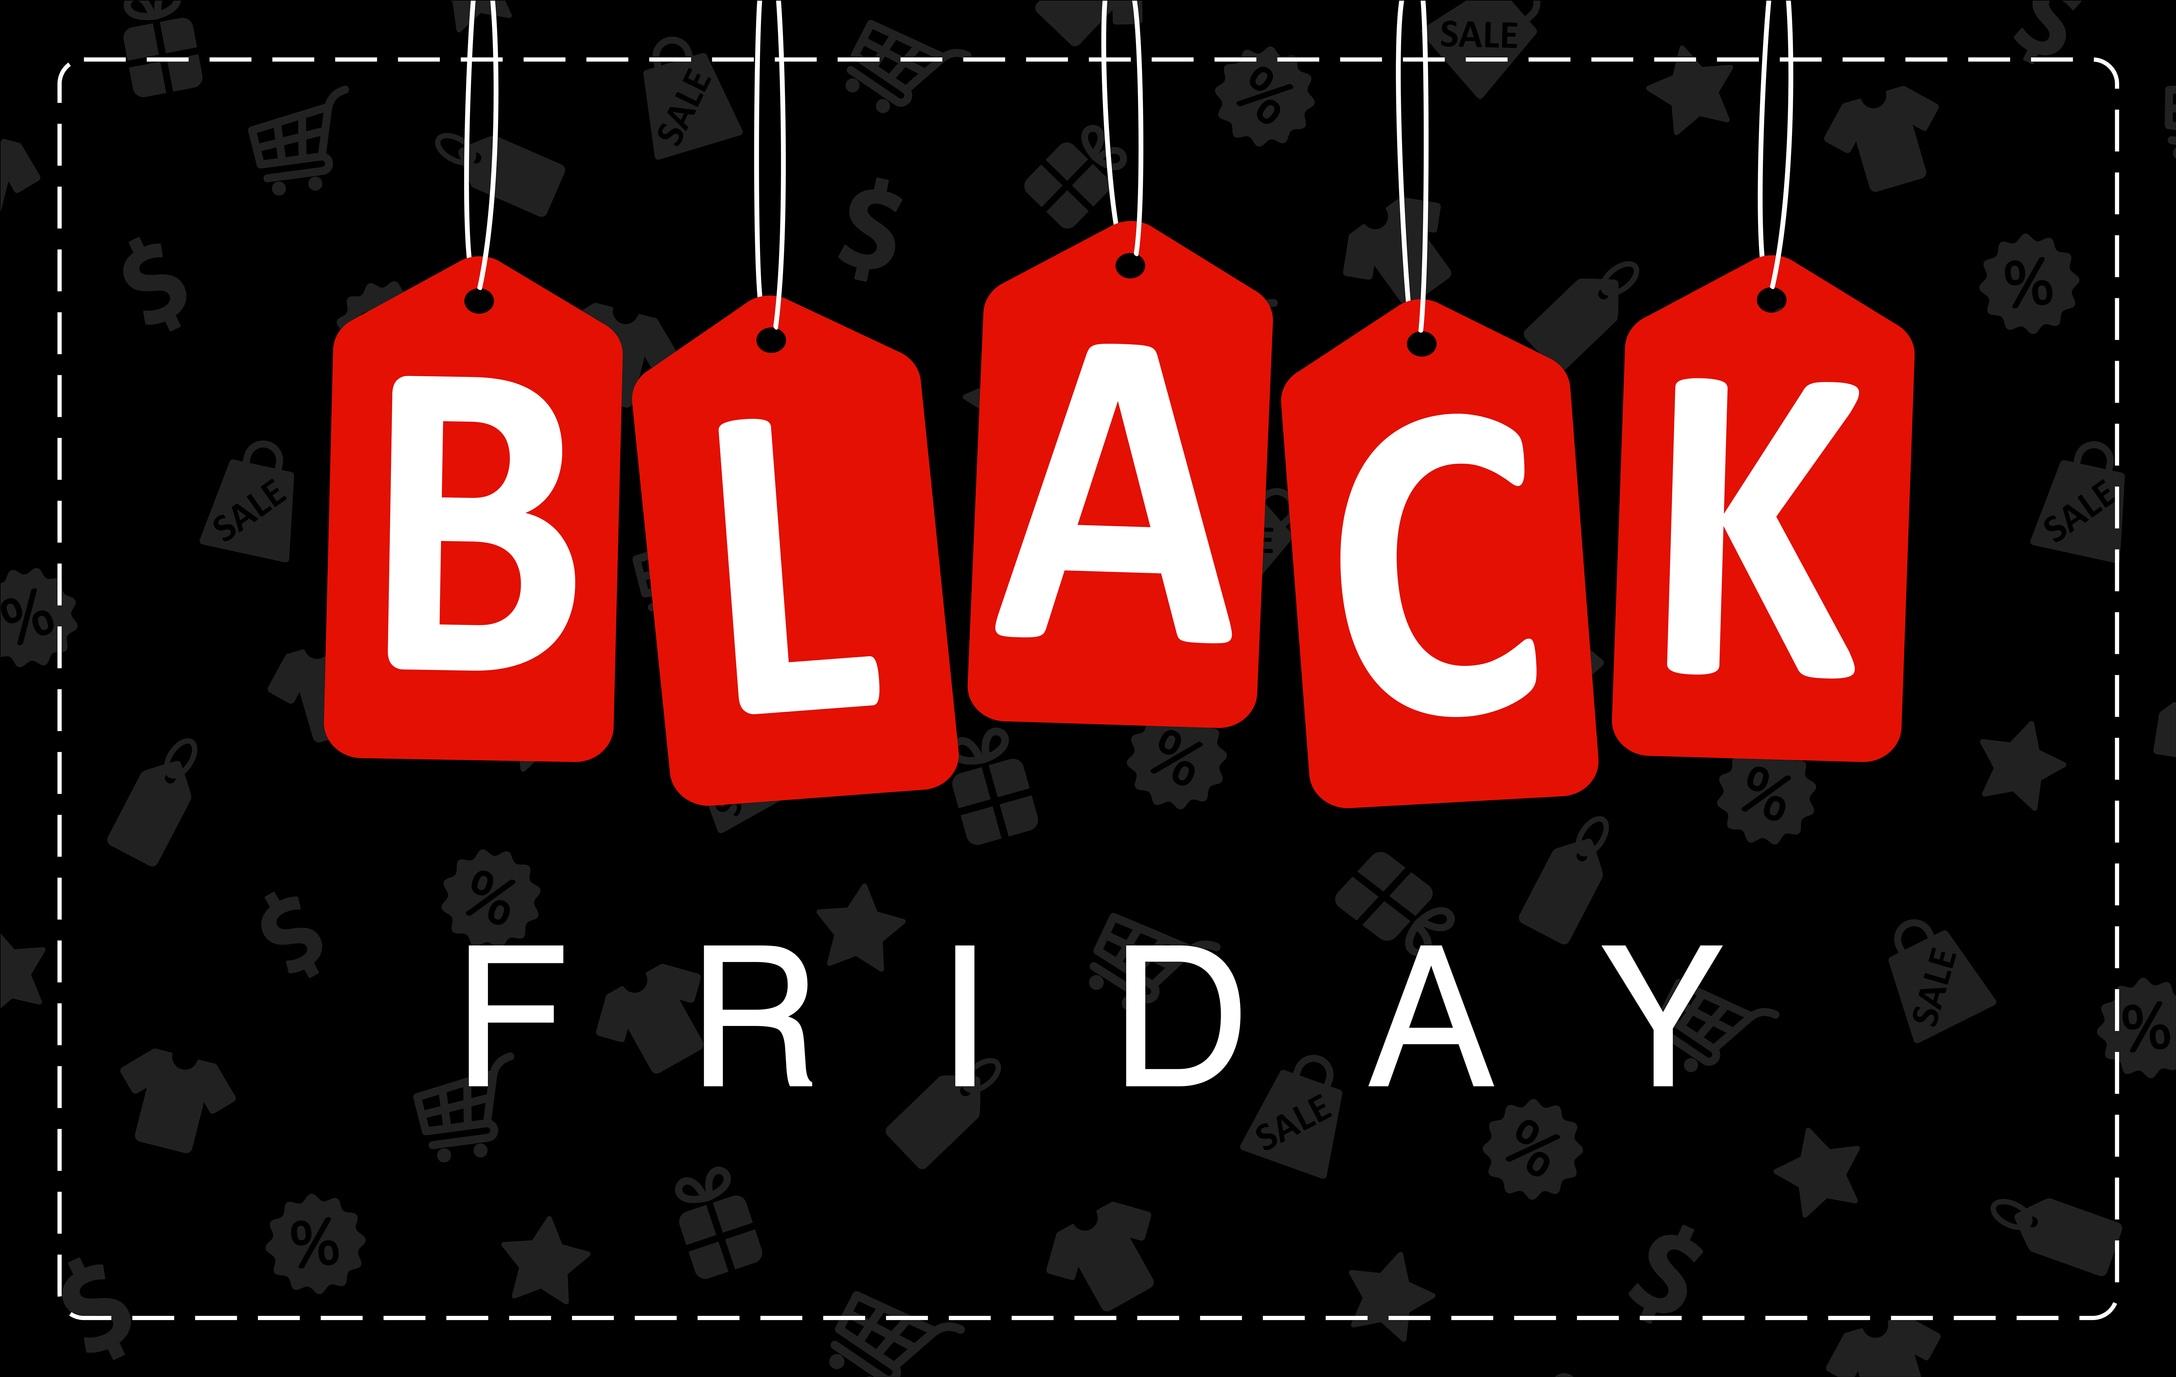 un gran black friday anche per euronics galaxy s9 a 499 e 50 prodotti a met prezzo foto. Black Bedroom Furniture Sets. Home Design Ideas